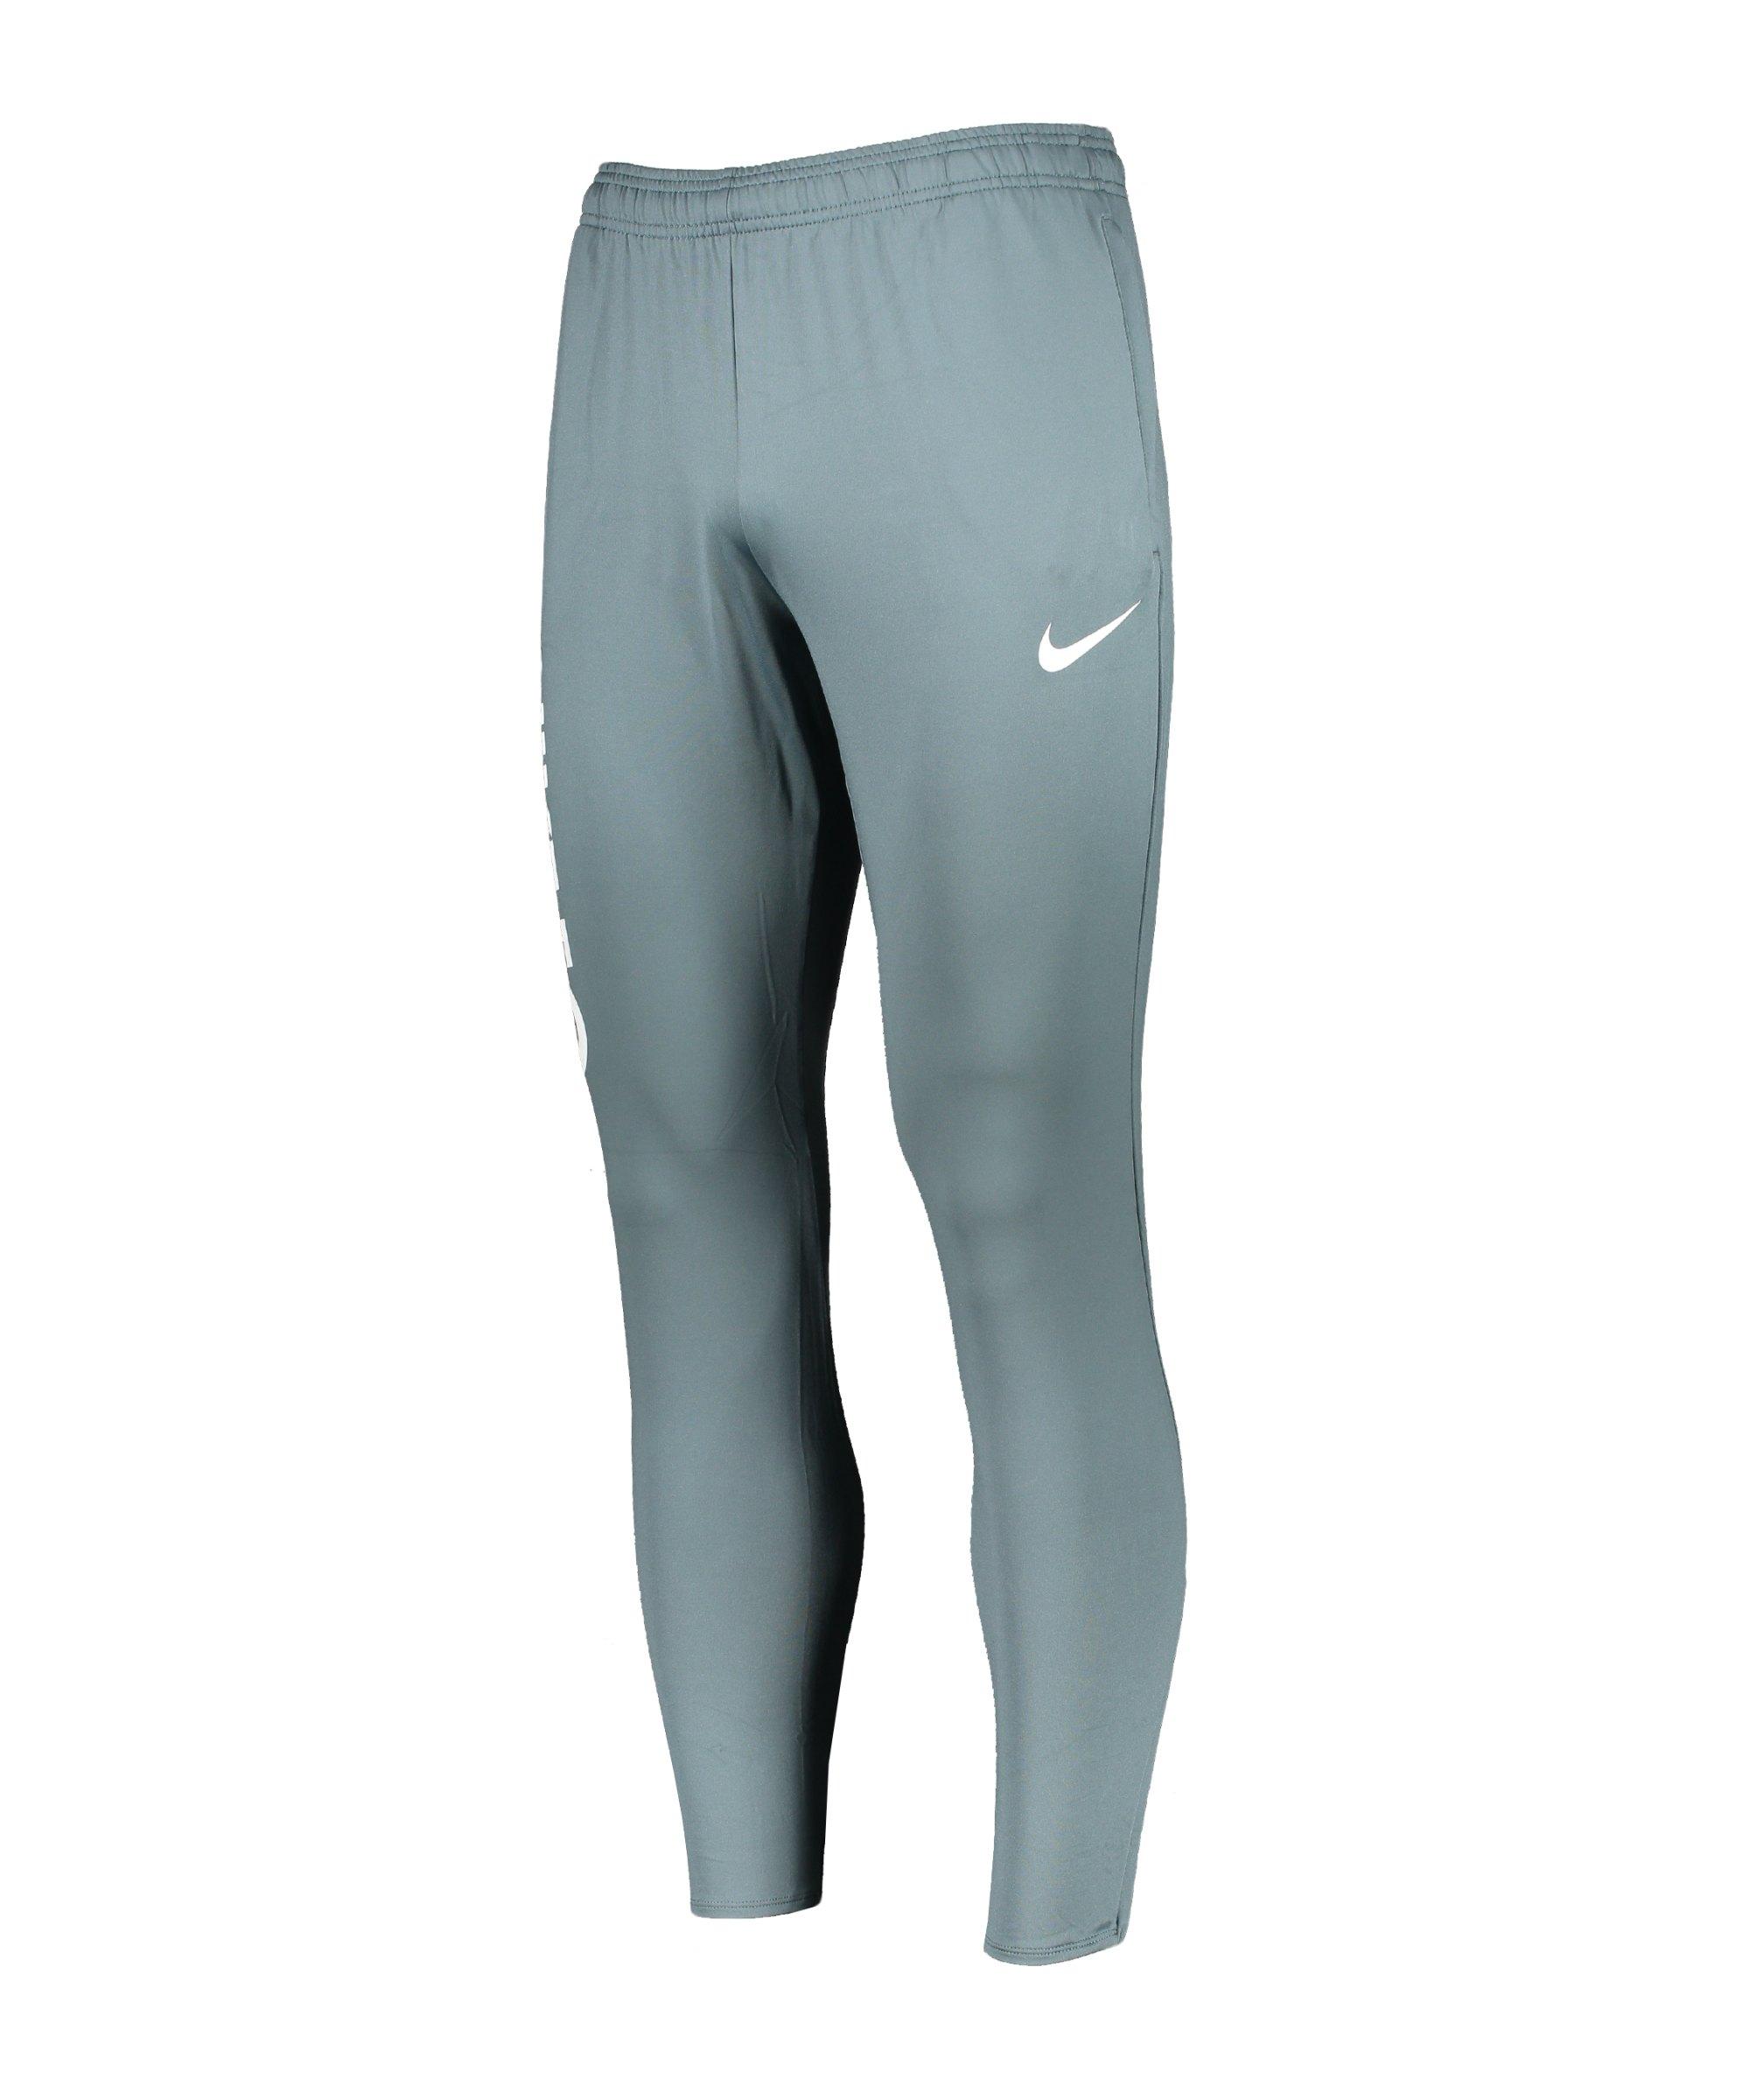 Nike F.C. Essential Jogginghose F387 - gruen